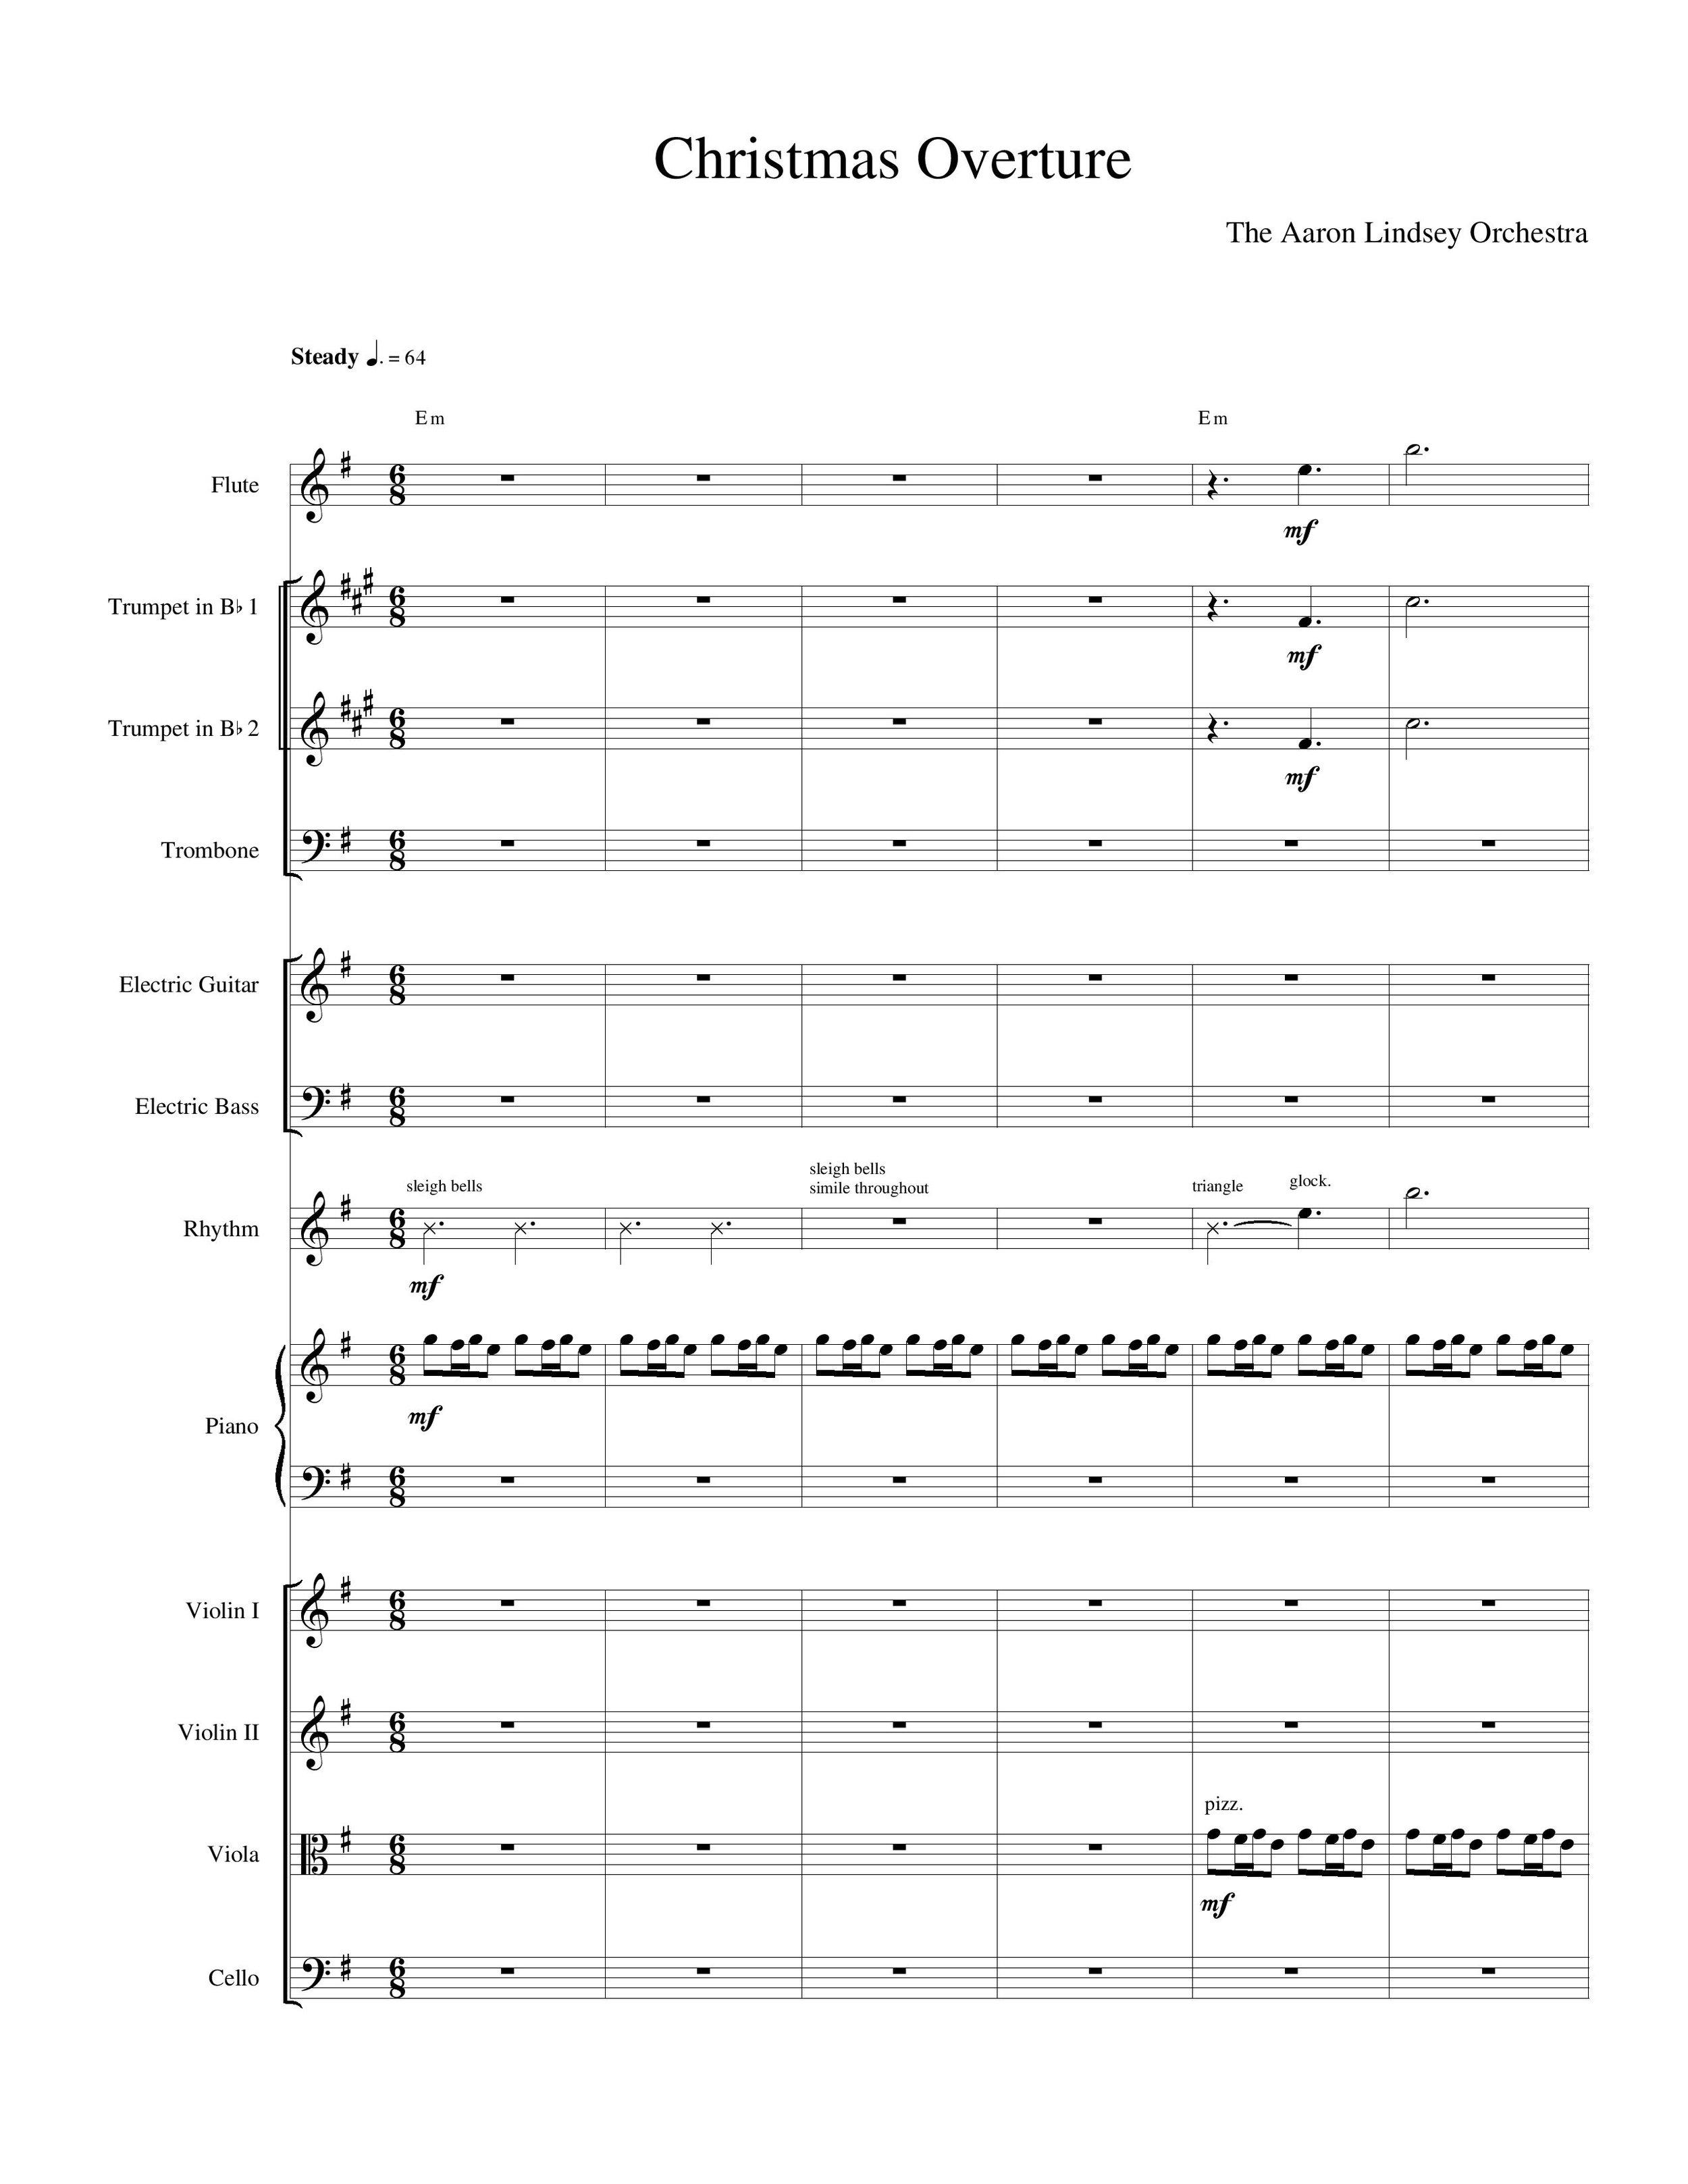 Christmas Overture - Score_01.jpg